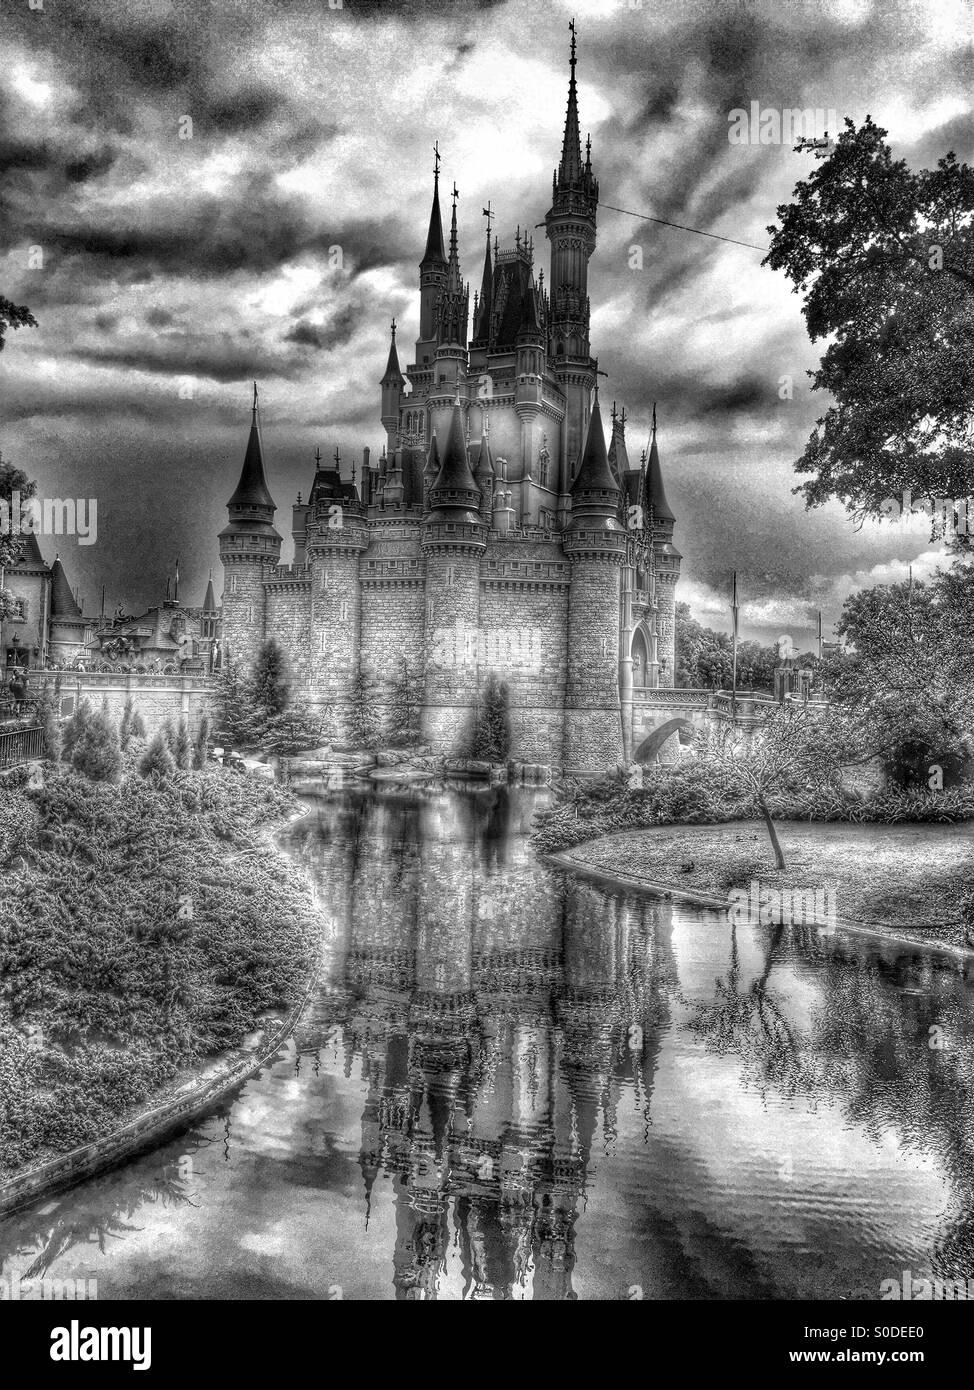 Noir Et Blanc Chateau Disney Photo Stock Alamy